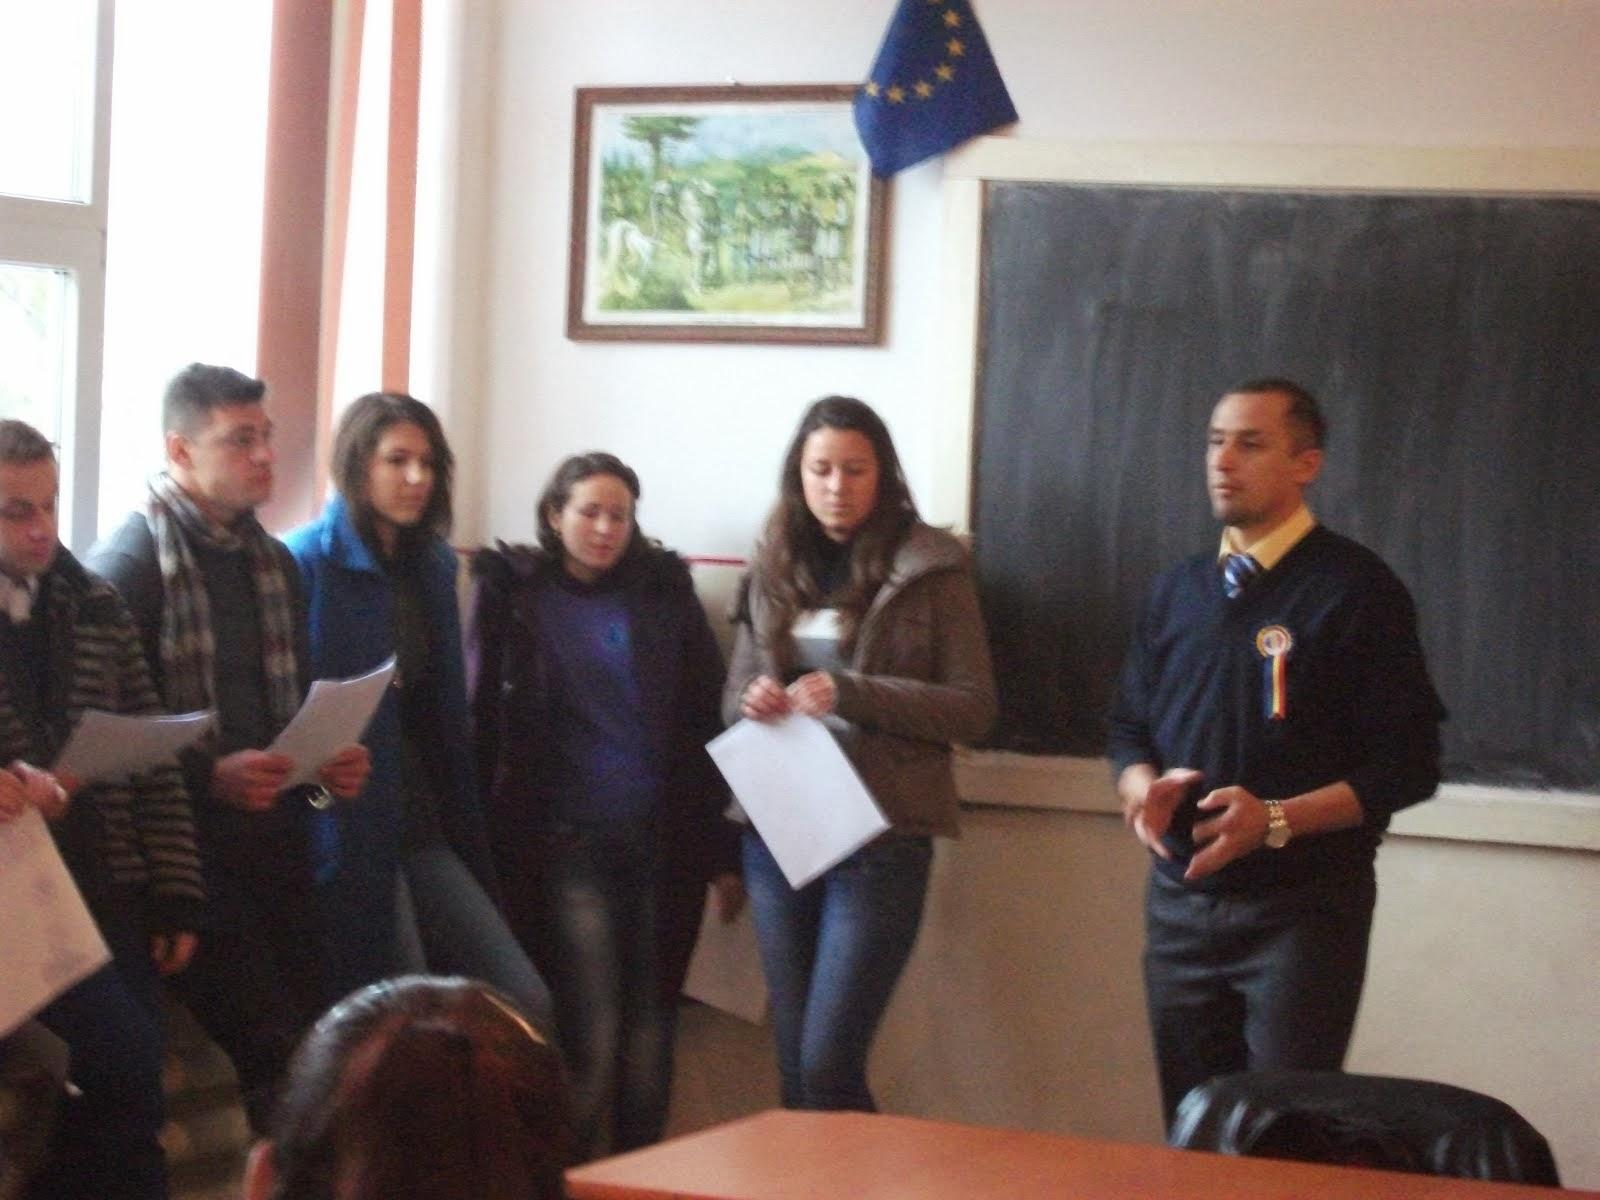 Sesiunea de comunicări ale elevilor pe tema Marii Uniri, Roznov, 29.11.2013...